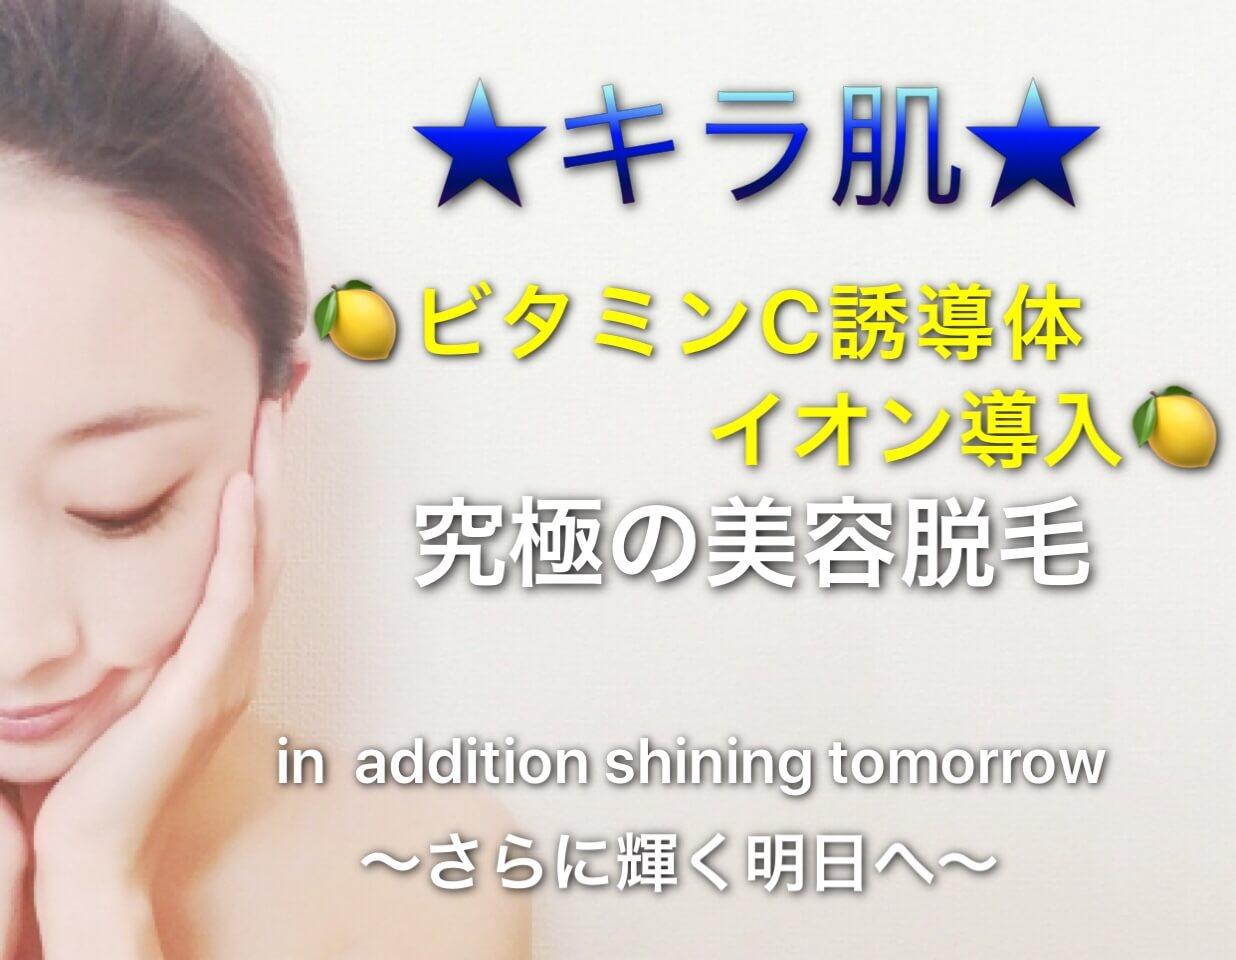 【キラ肌/松江店】のおすすめ顔脱毛(ニキビ予防)